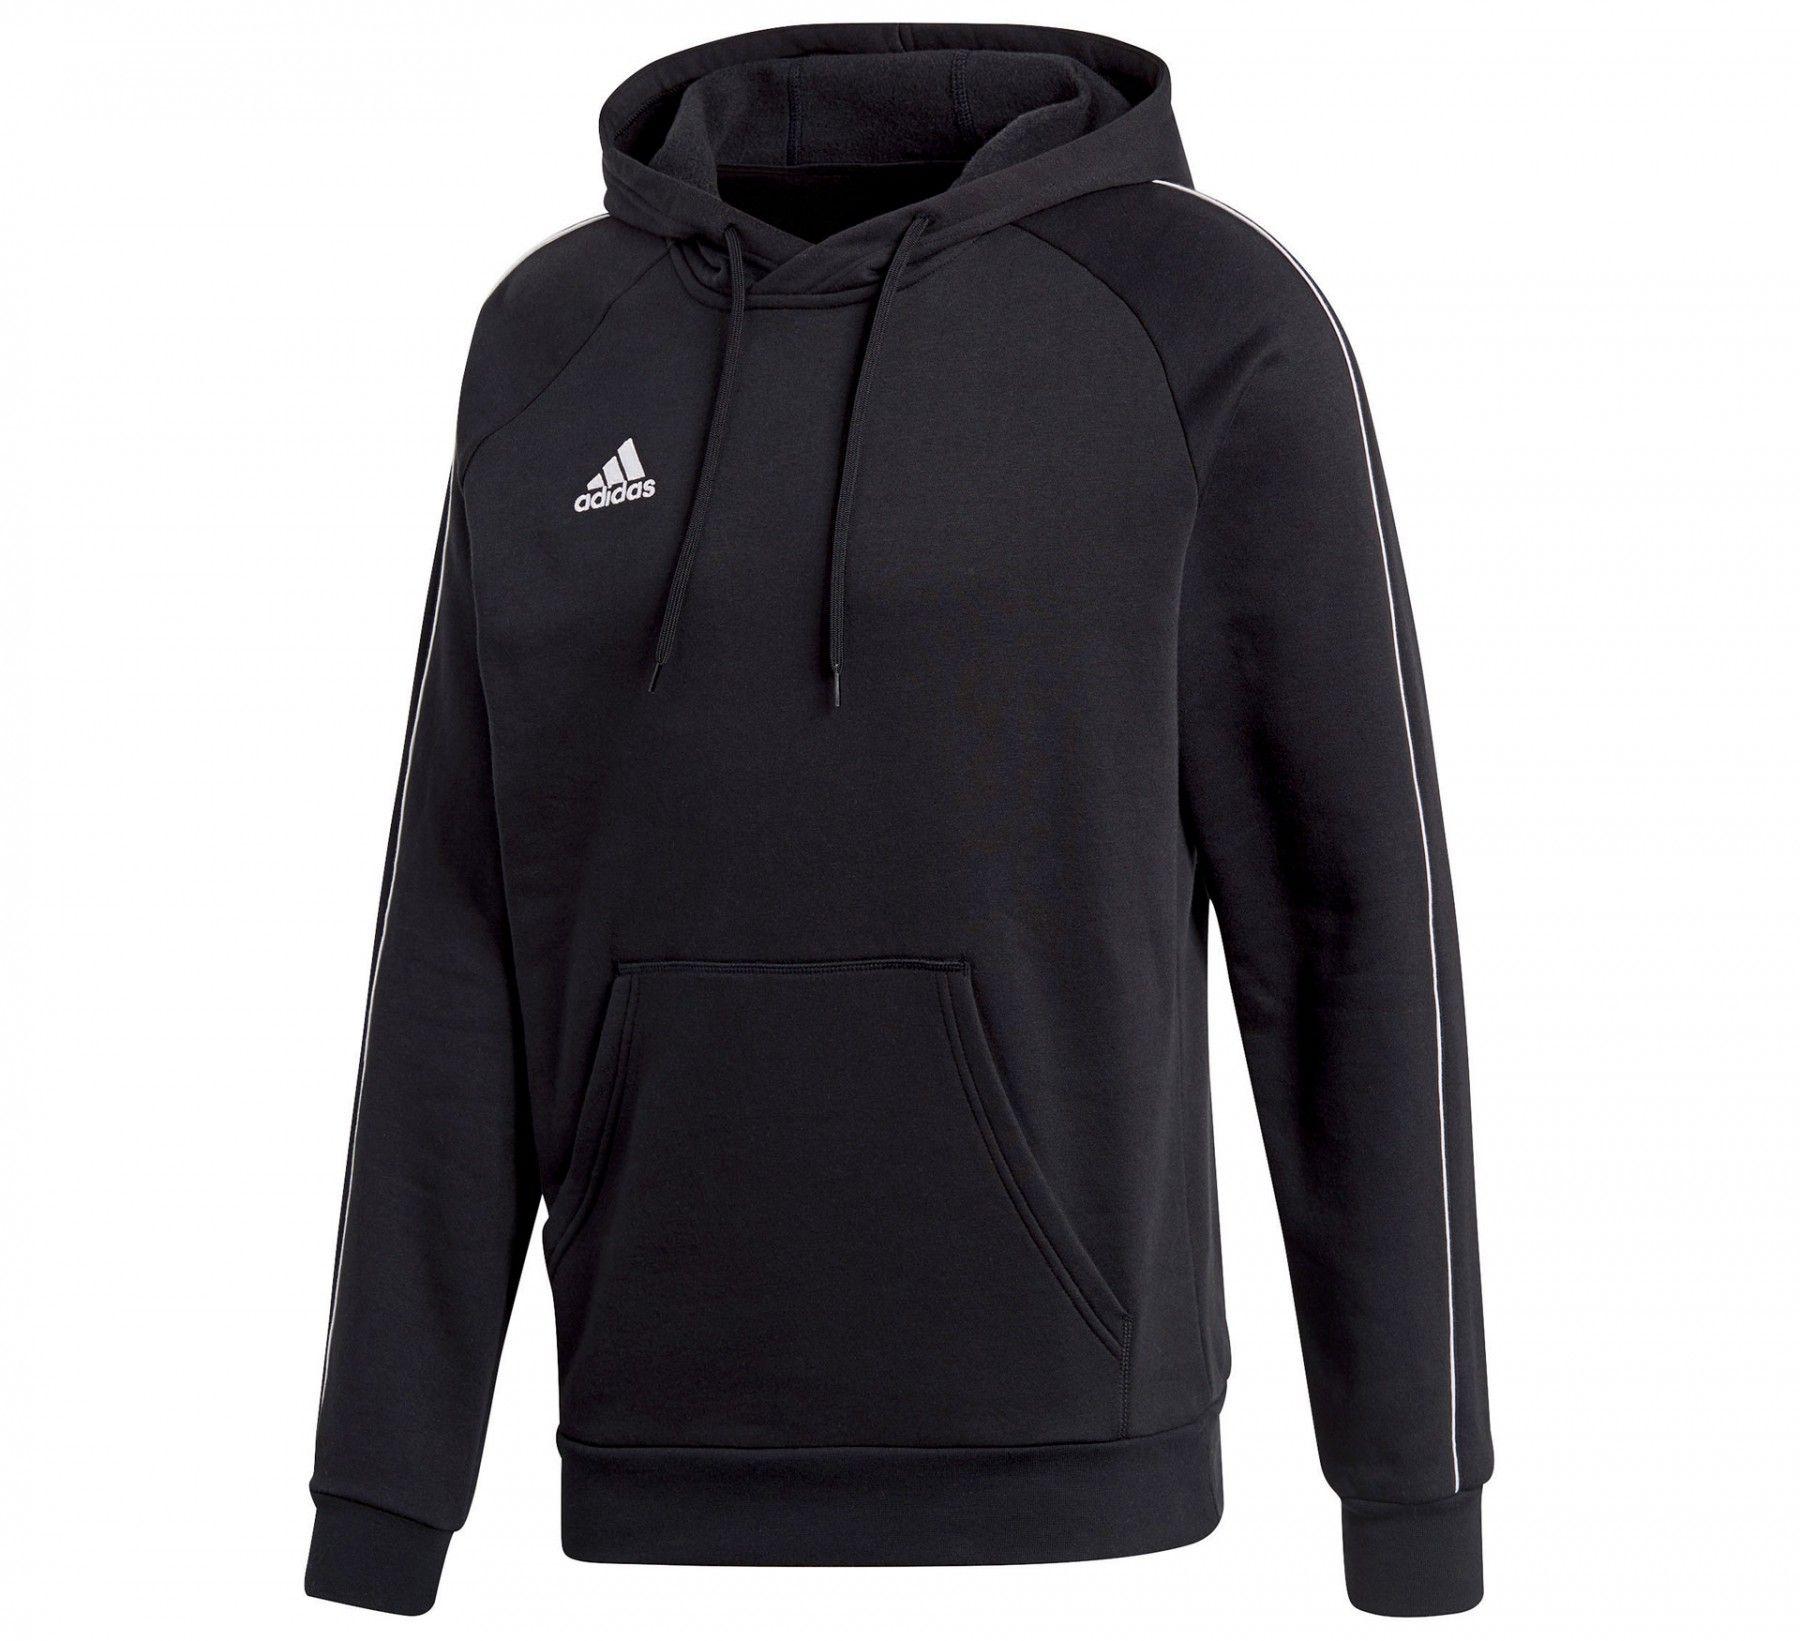 LOKAAL Adidas trui 50% korting nu 15€